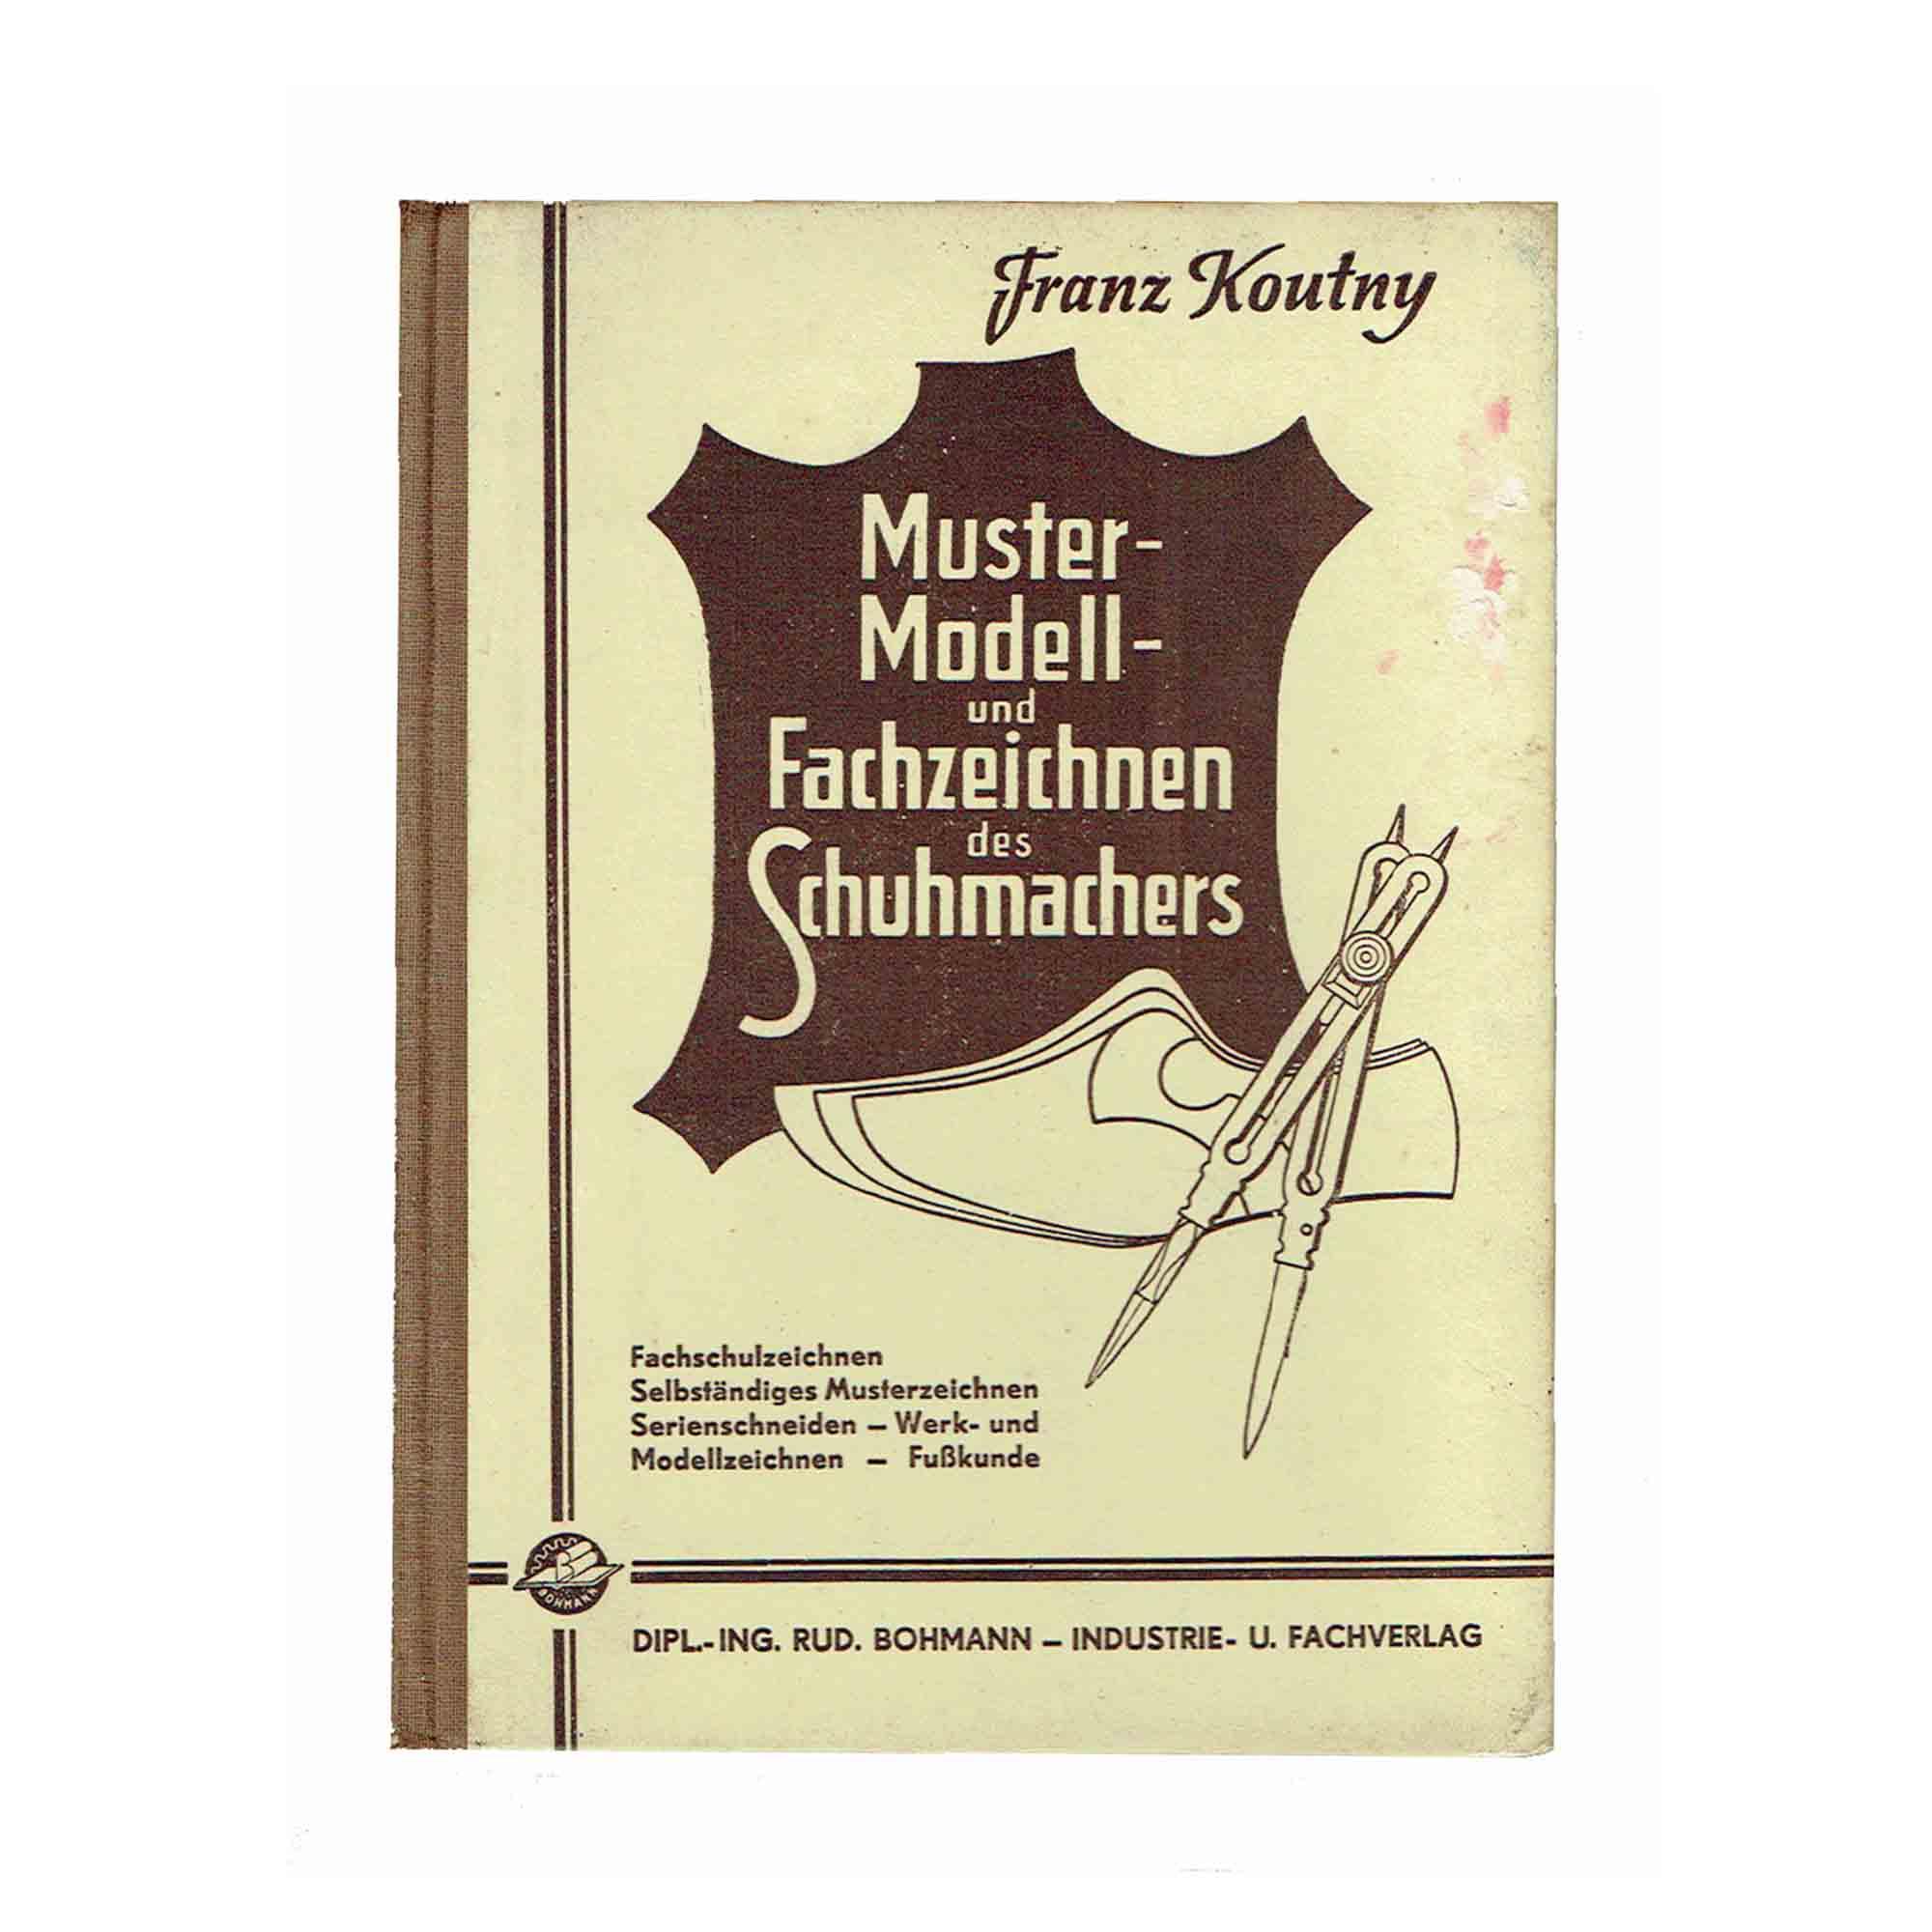 Koutny-Schuhmacher-1949-Einband-N.jpg